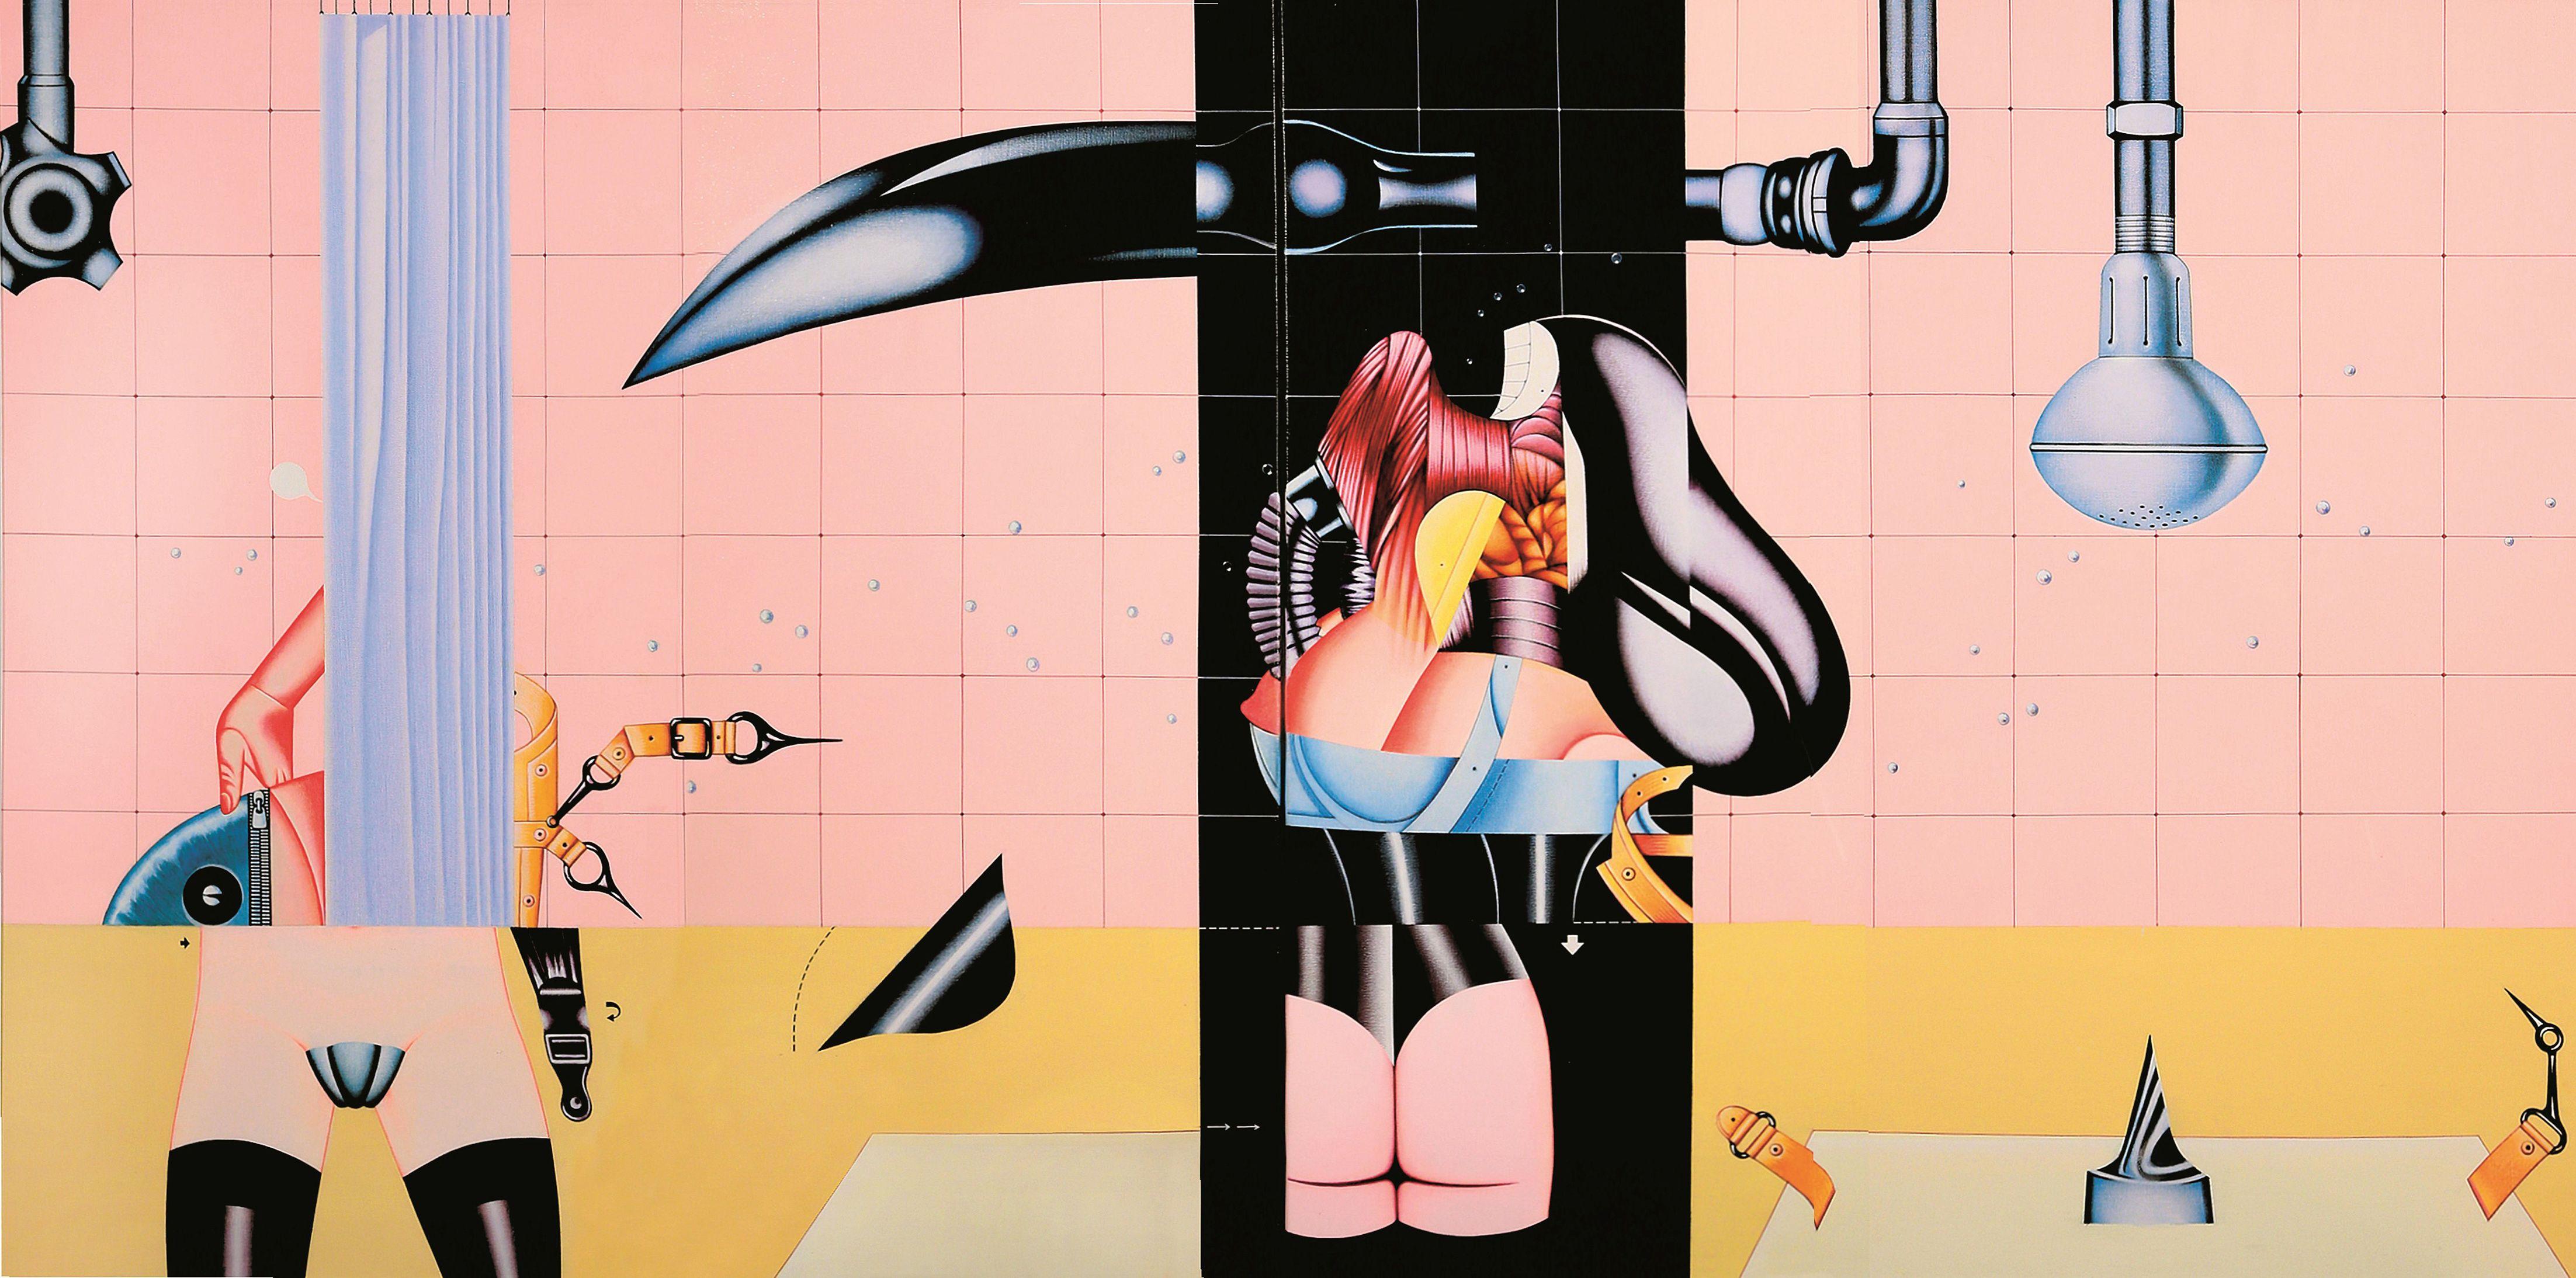 Sergio Sarri, La doccia (The Shower), 1970, acrilico su tela, 120x140 cm